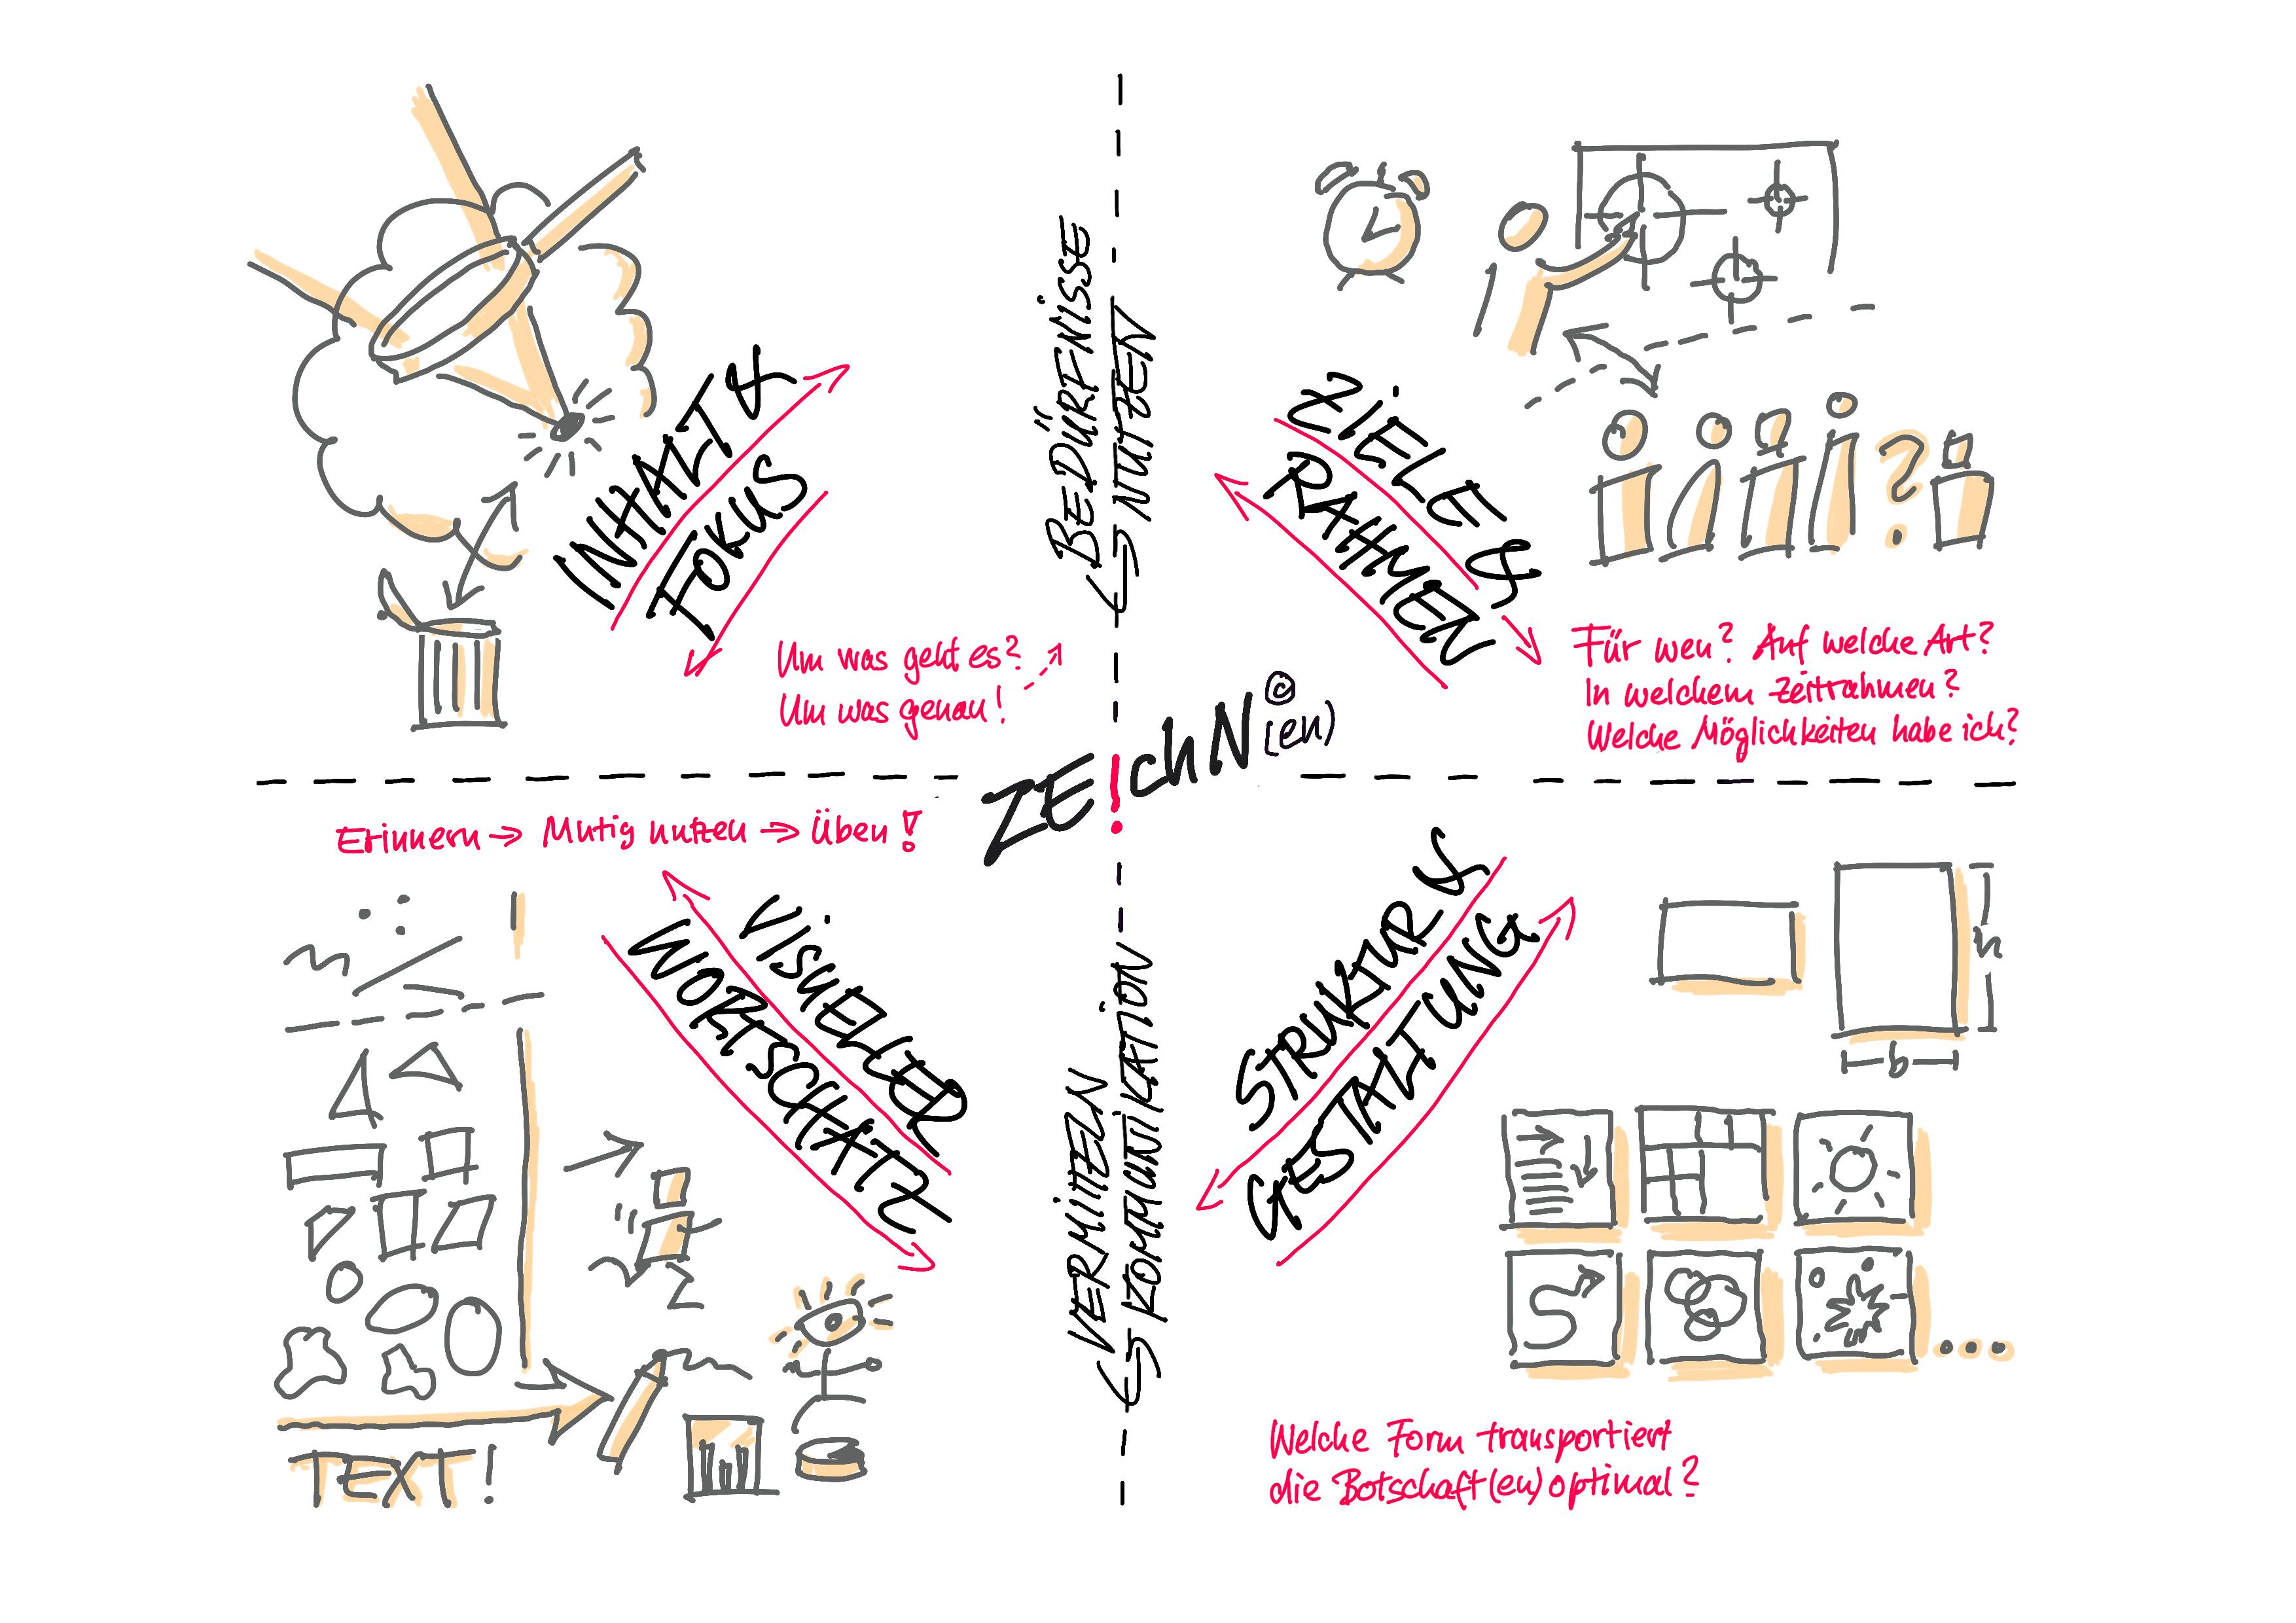 Methode Zeichnen_Ebene 7